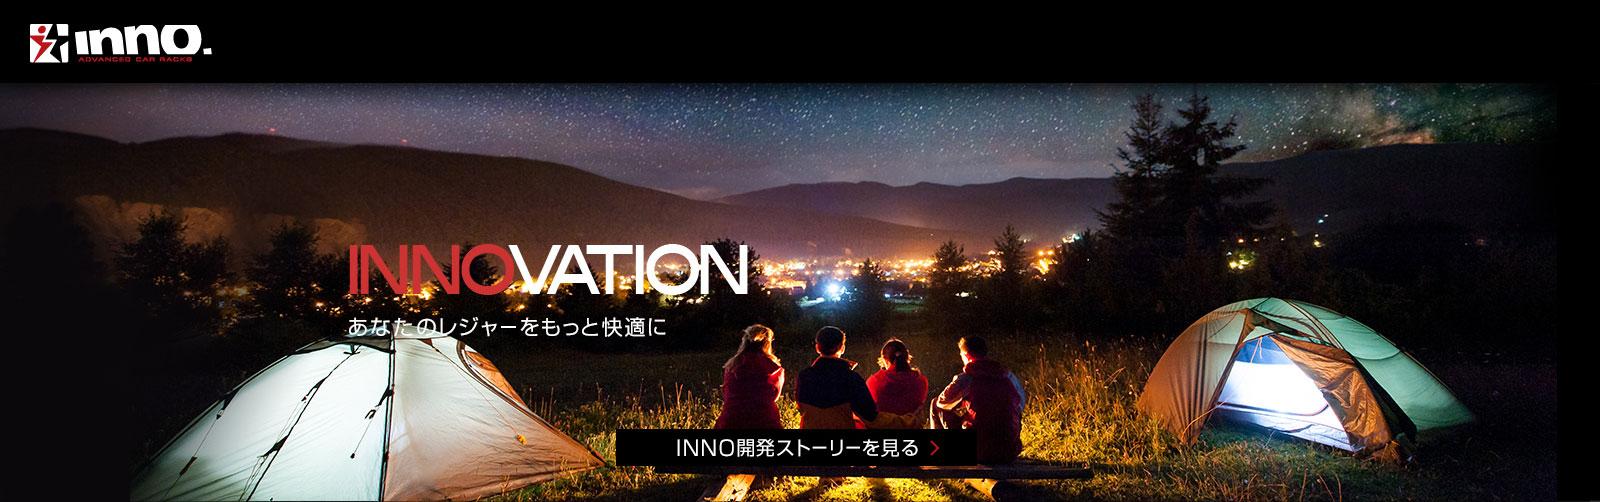 INNO(イノー)キャリアブランド